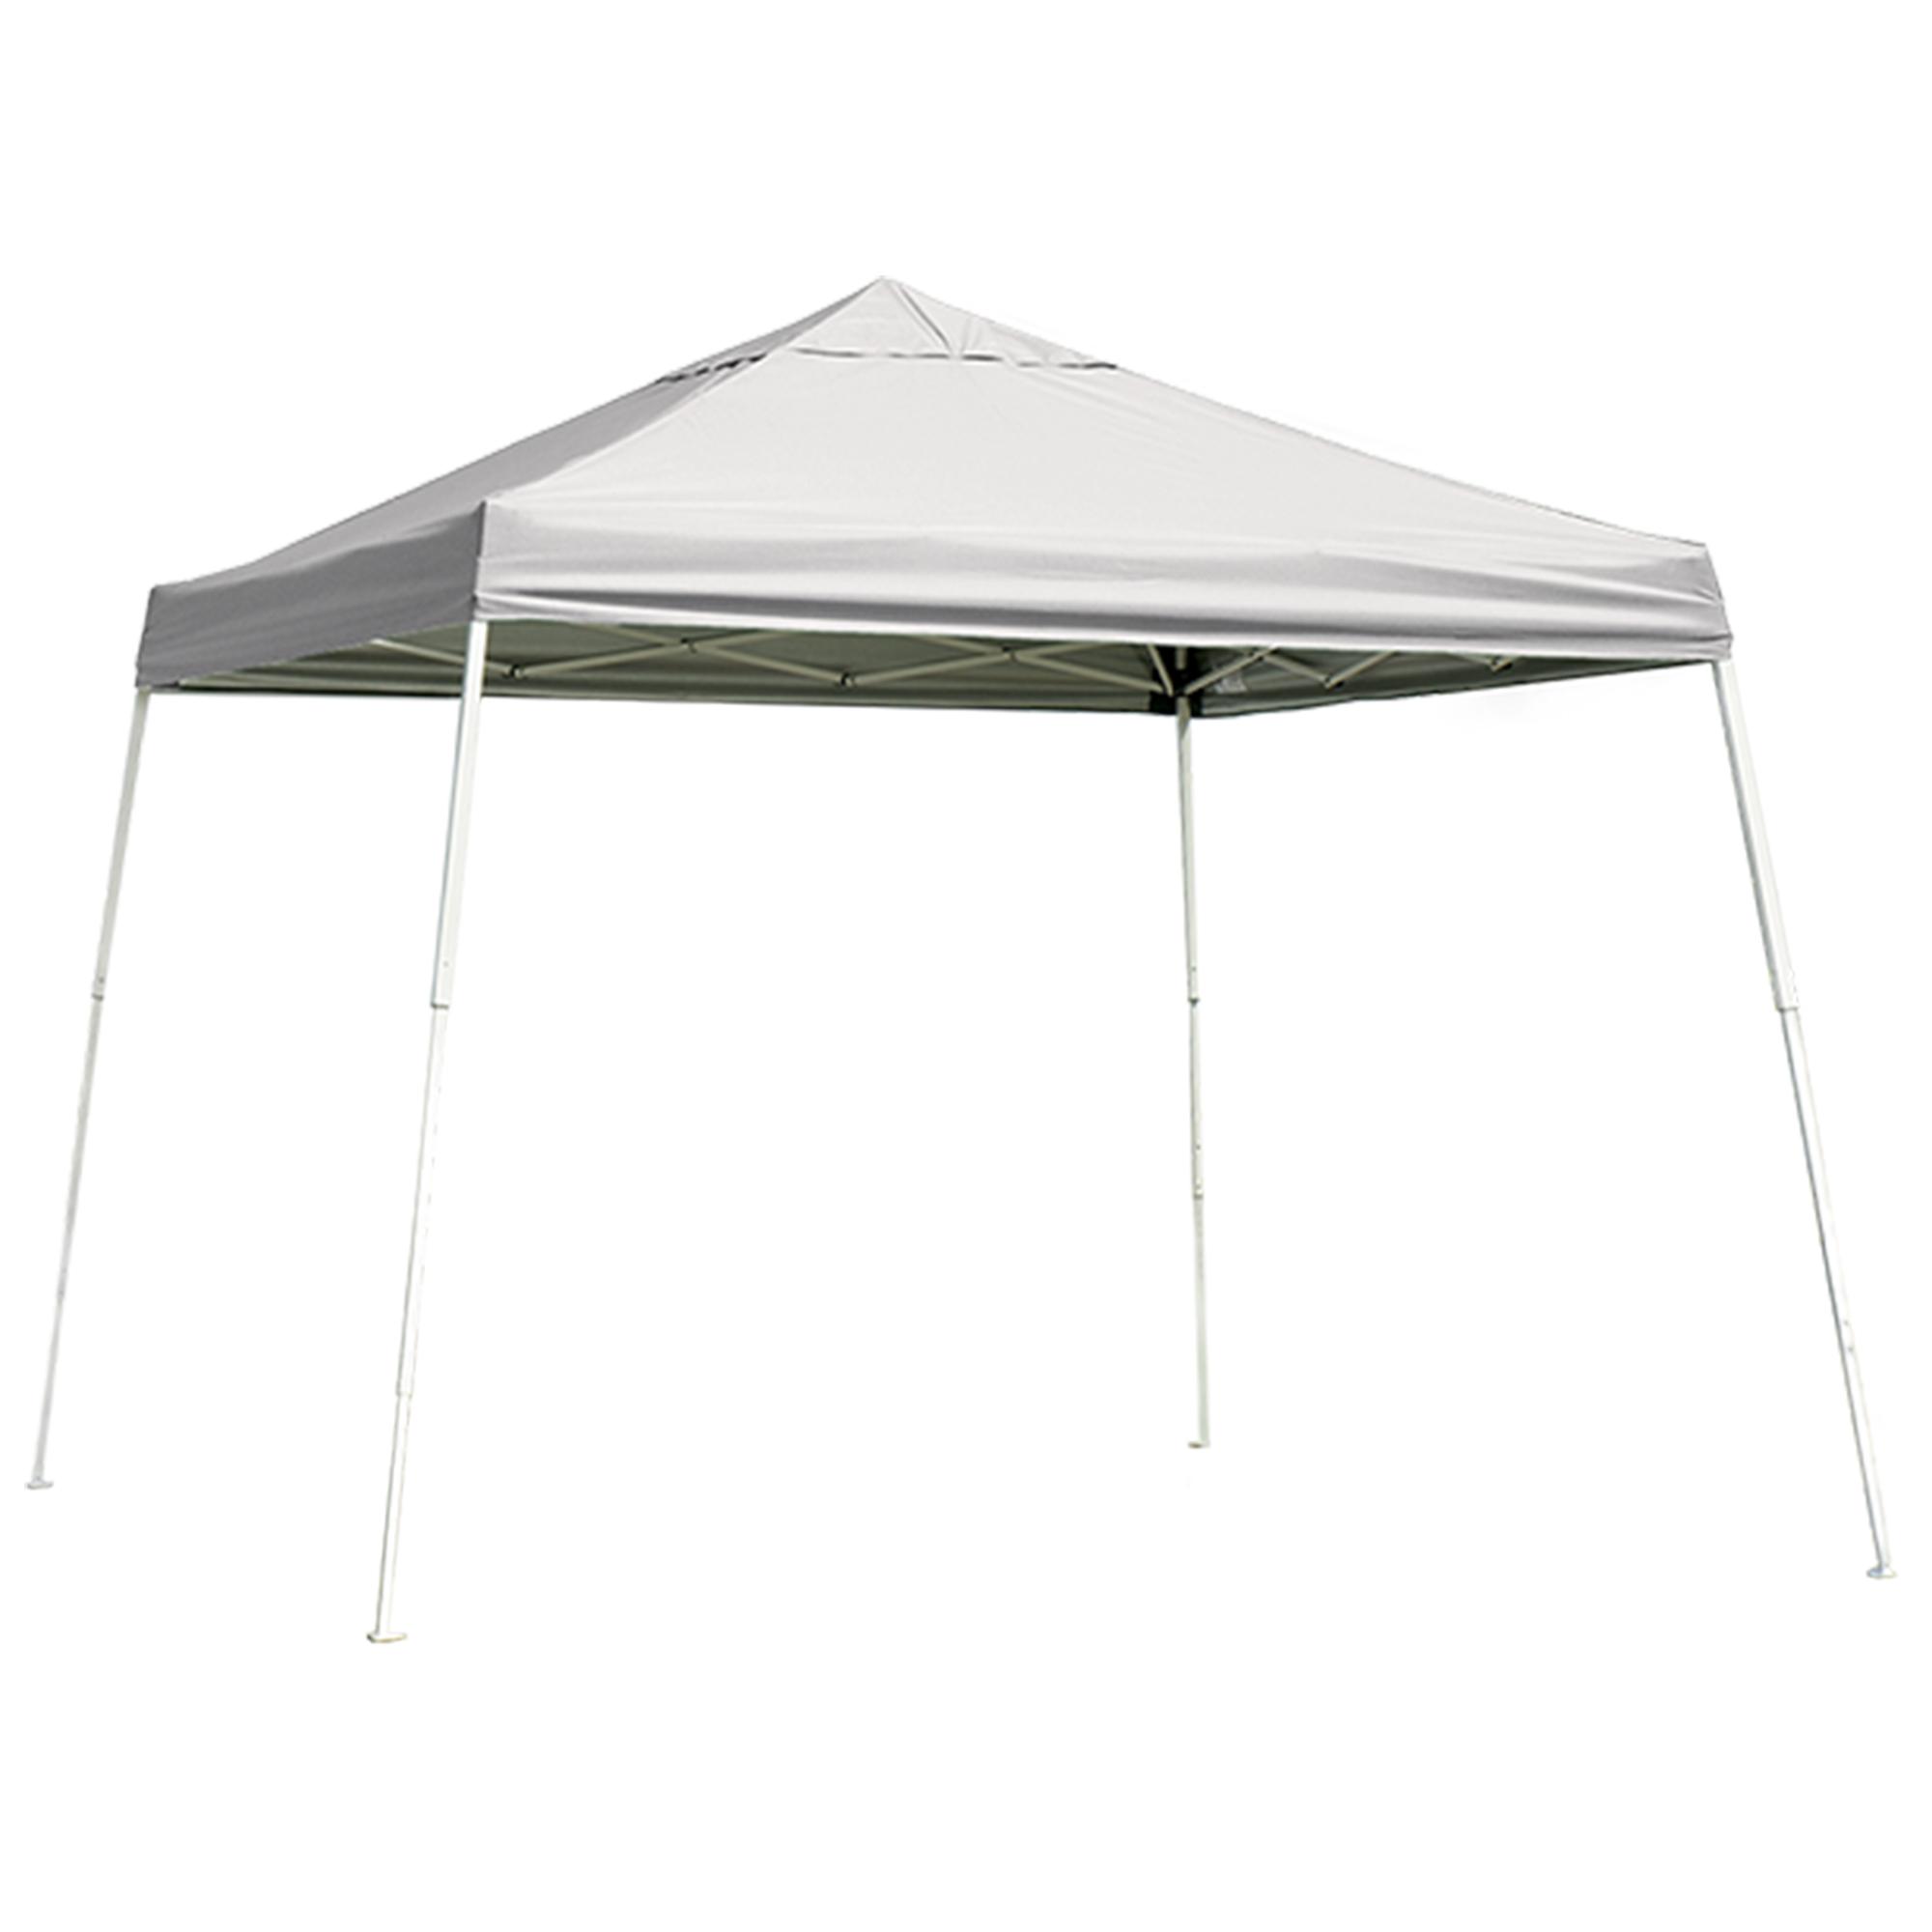 12 ft. x 12 ft. Sport Pop-up Canopy Slant Leg, White Cover